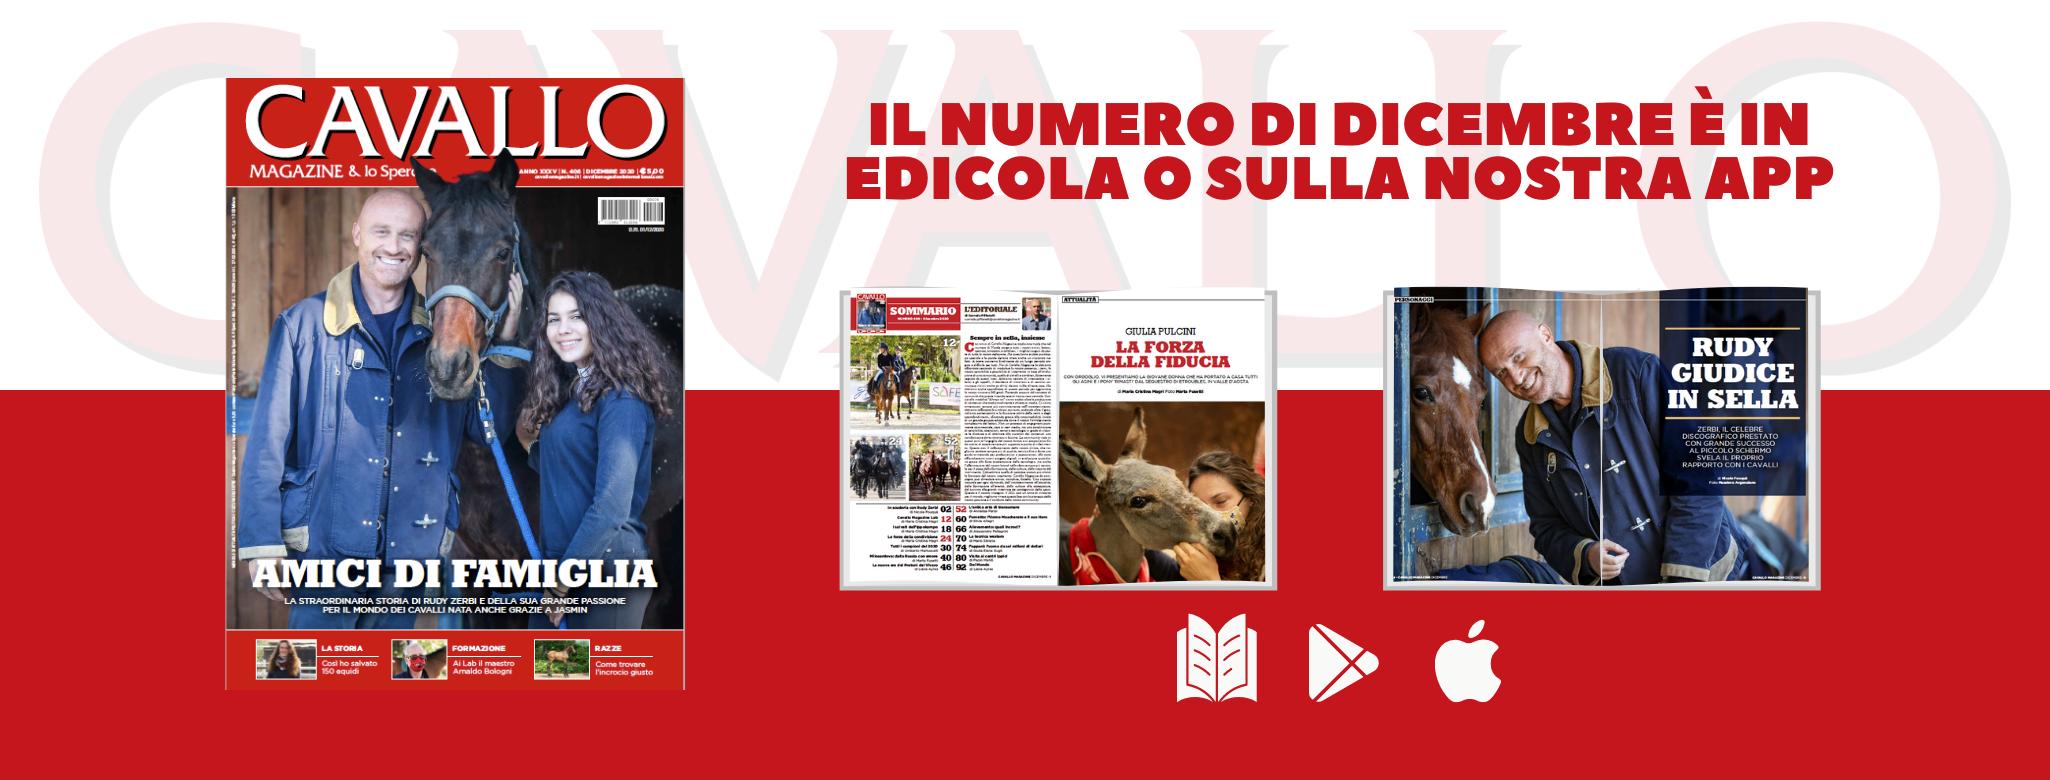 Cavallo Magazine di Dicembre è in edicola o sulla nostra App